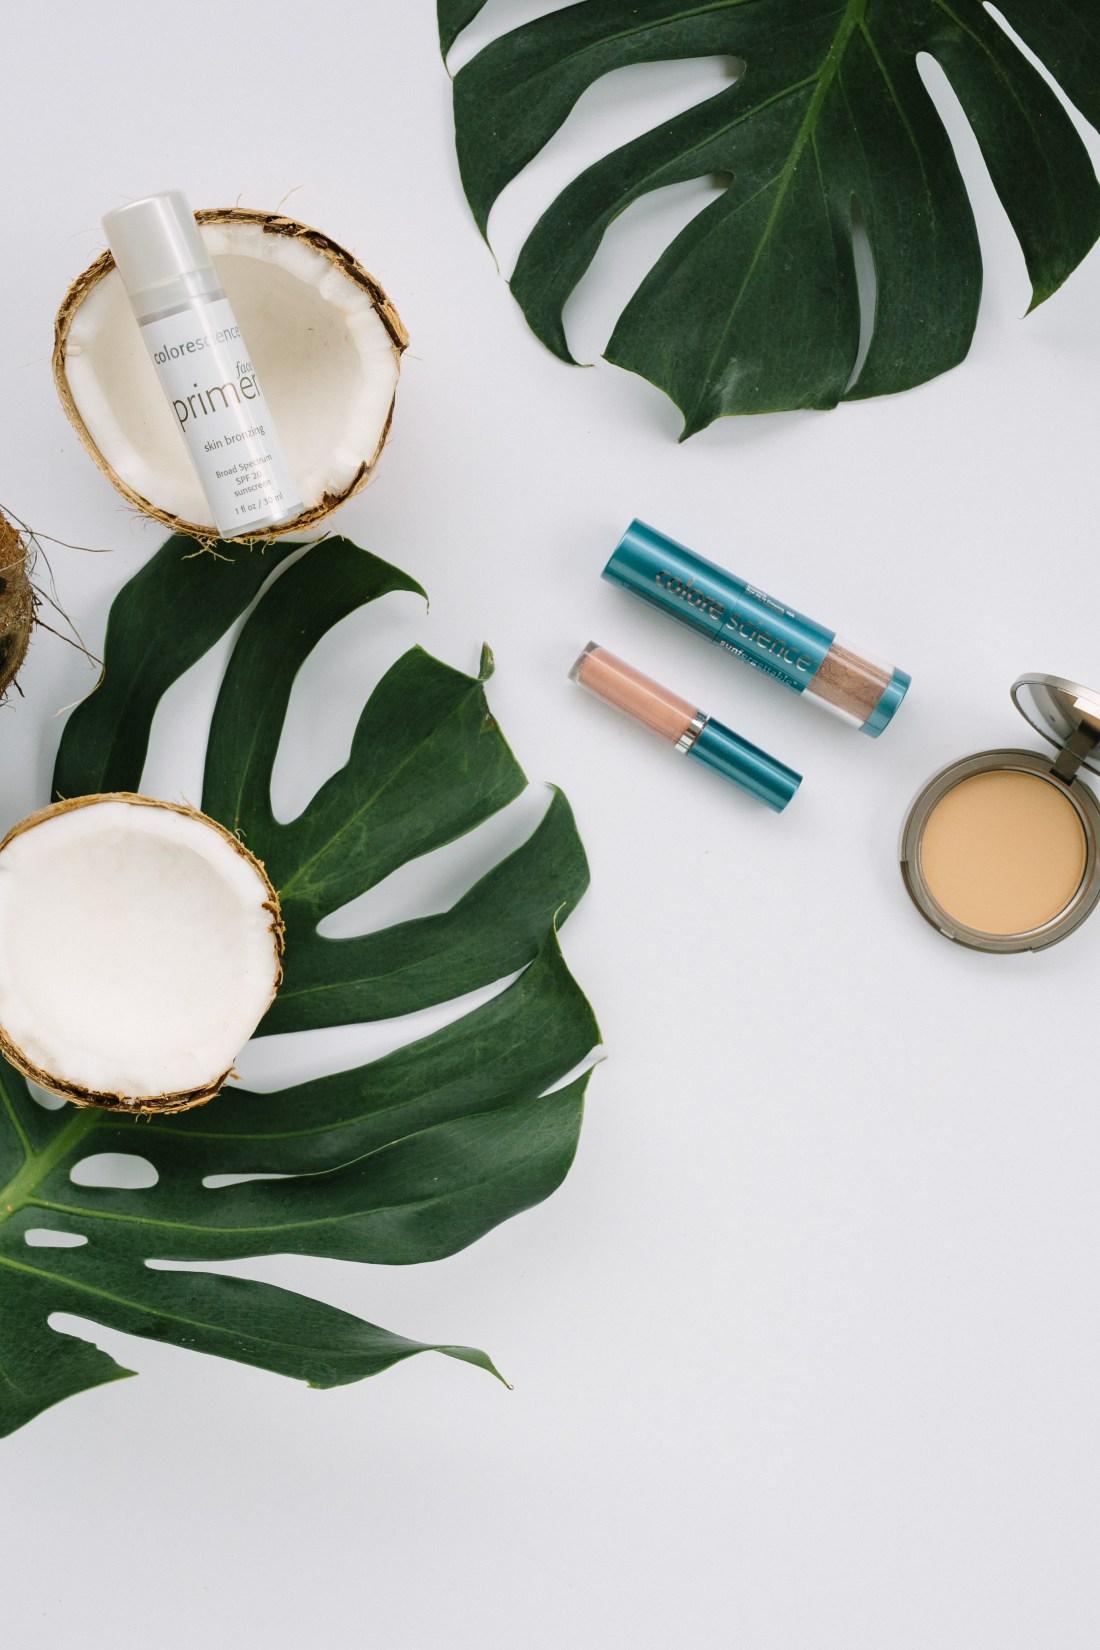 Organic makeup for